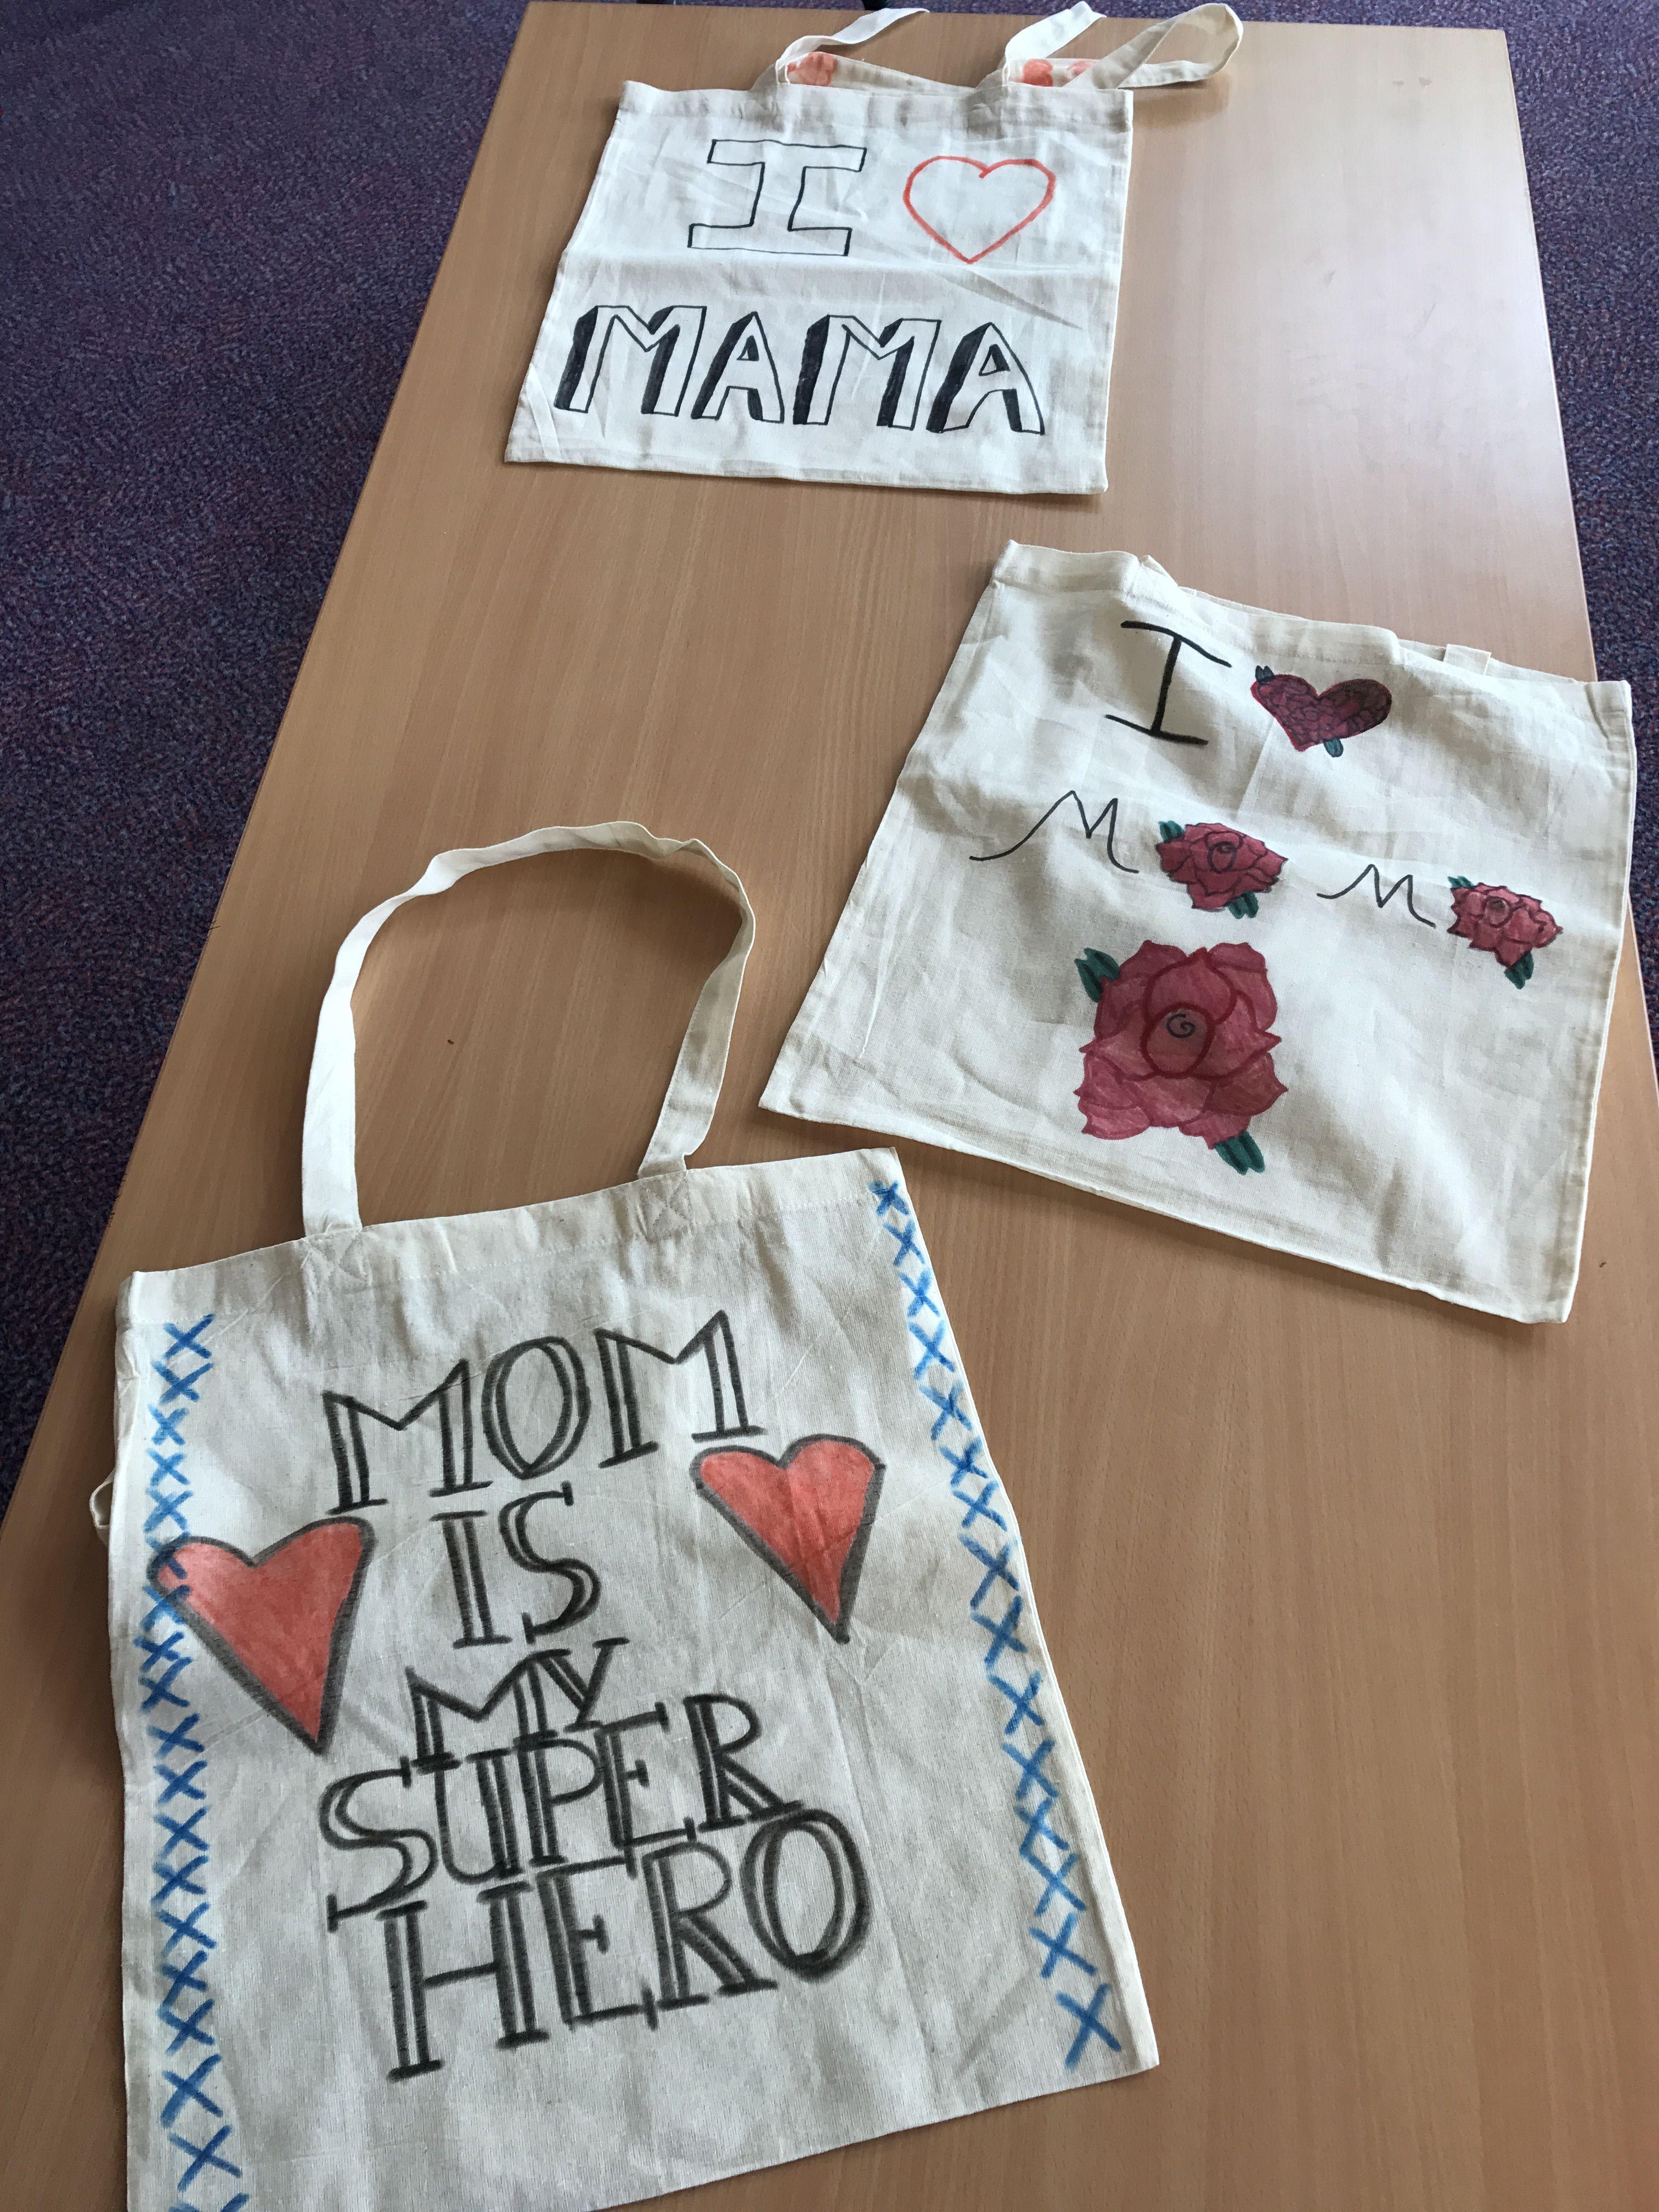 616b7633186 Katoenen tas versieren met textielstiften voor moederdag. | Moeder ...